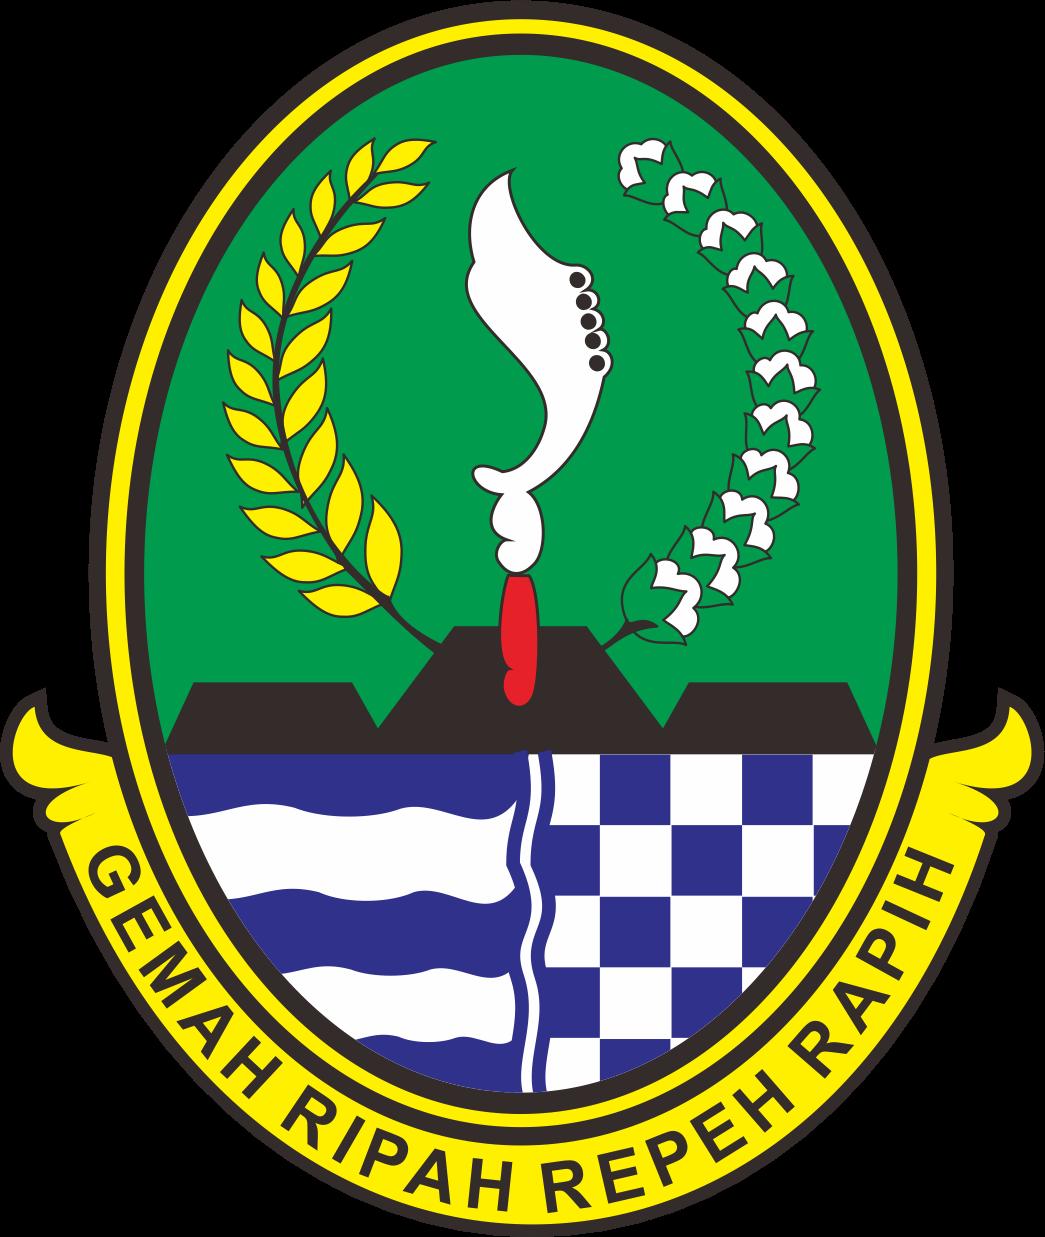 Pendaftaran dan Formasi Lowongan CPNS Pemprov Jawa Barat 2014